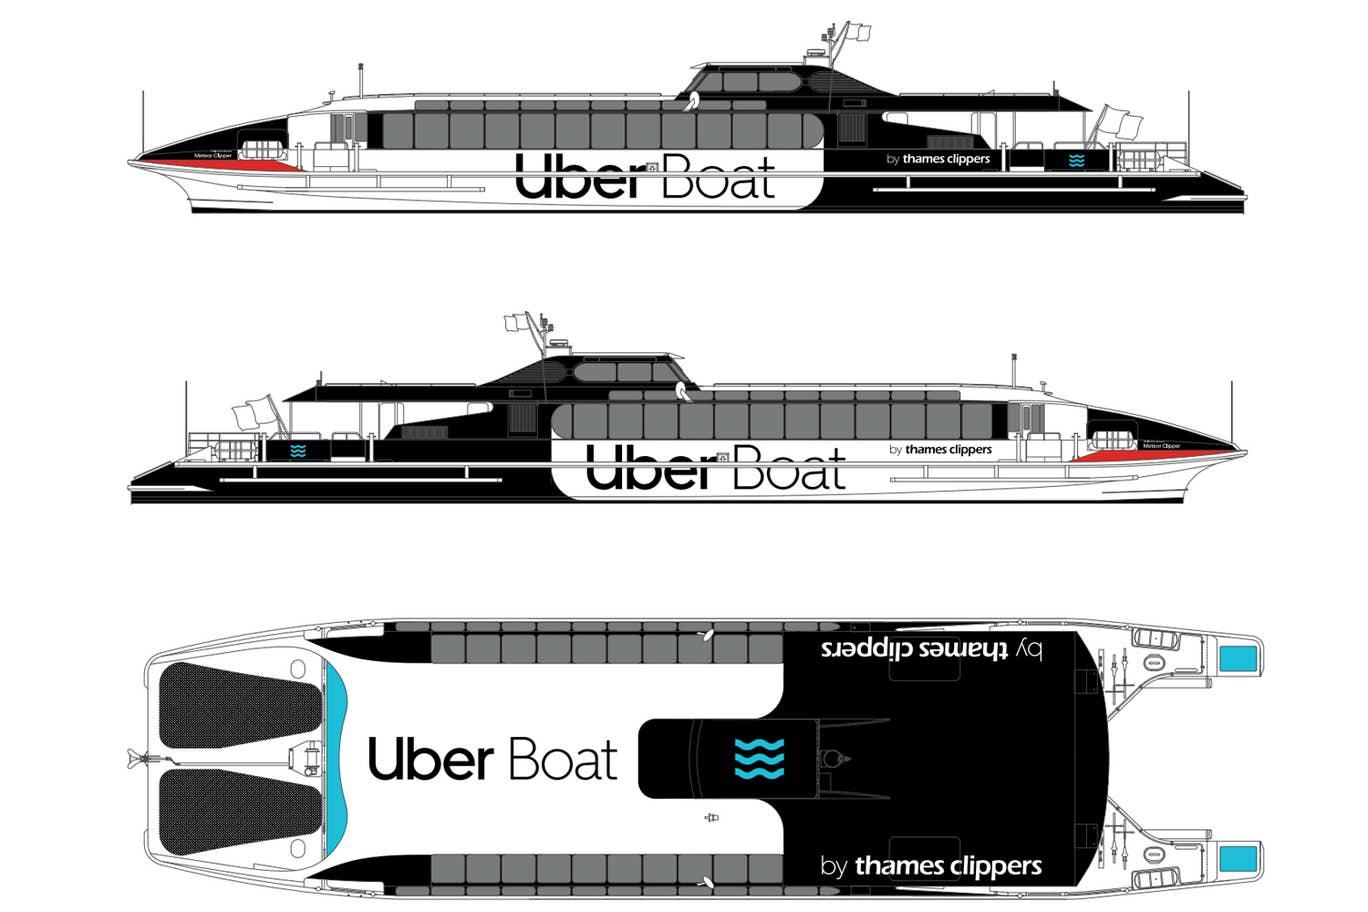 uber-boat-thames-clipper-08-7